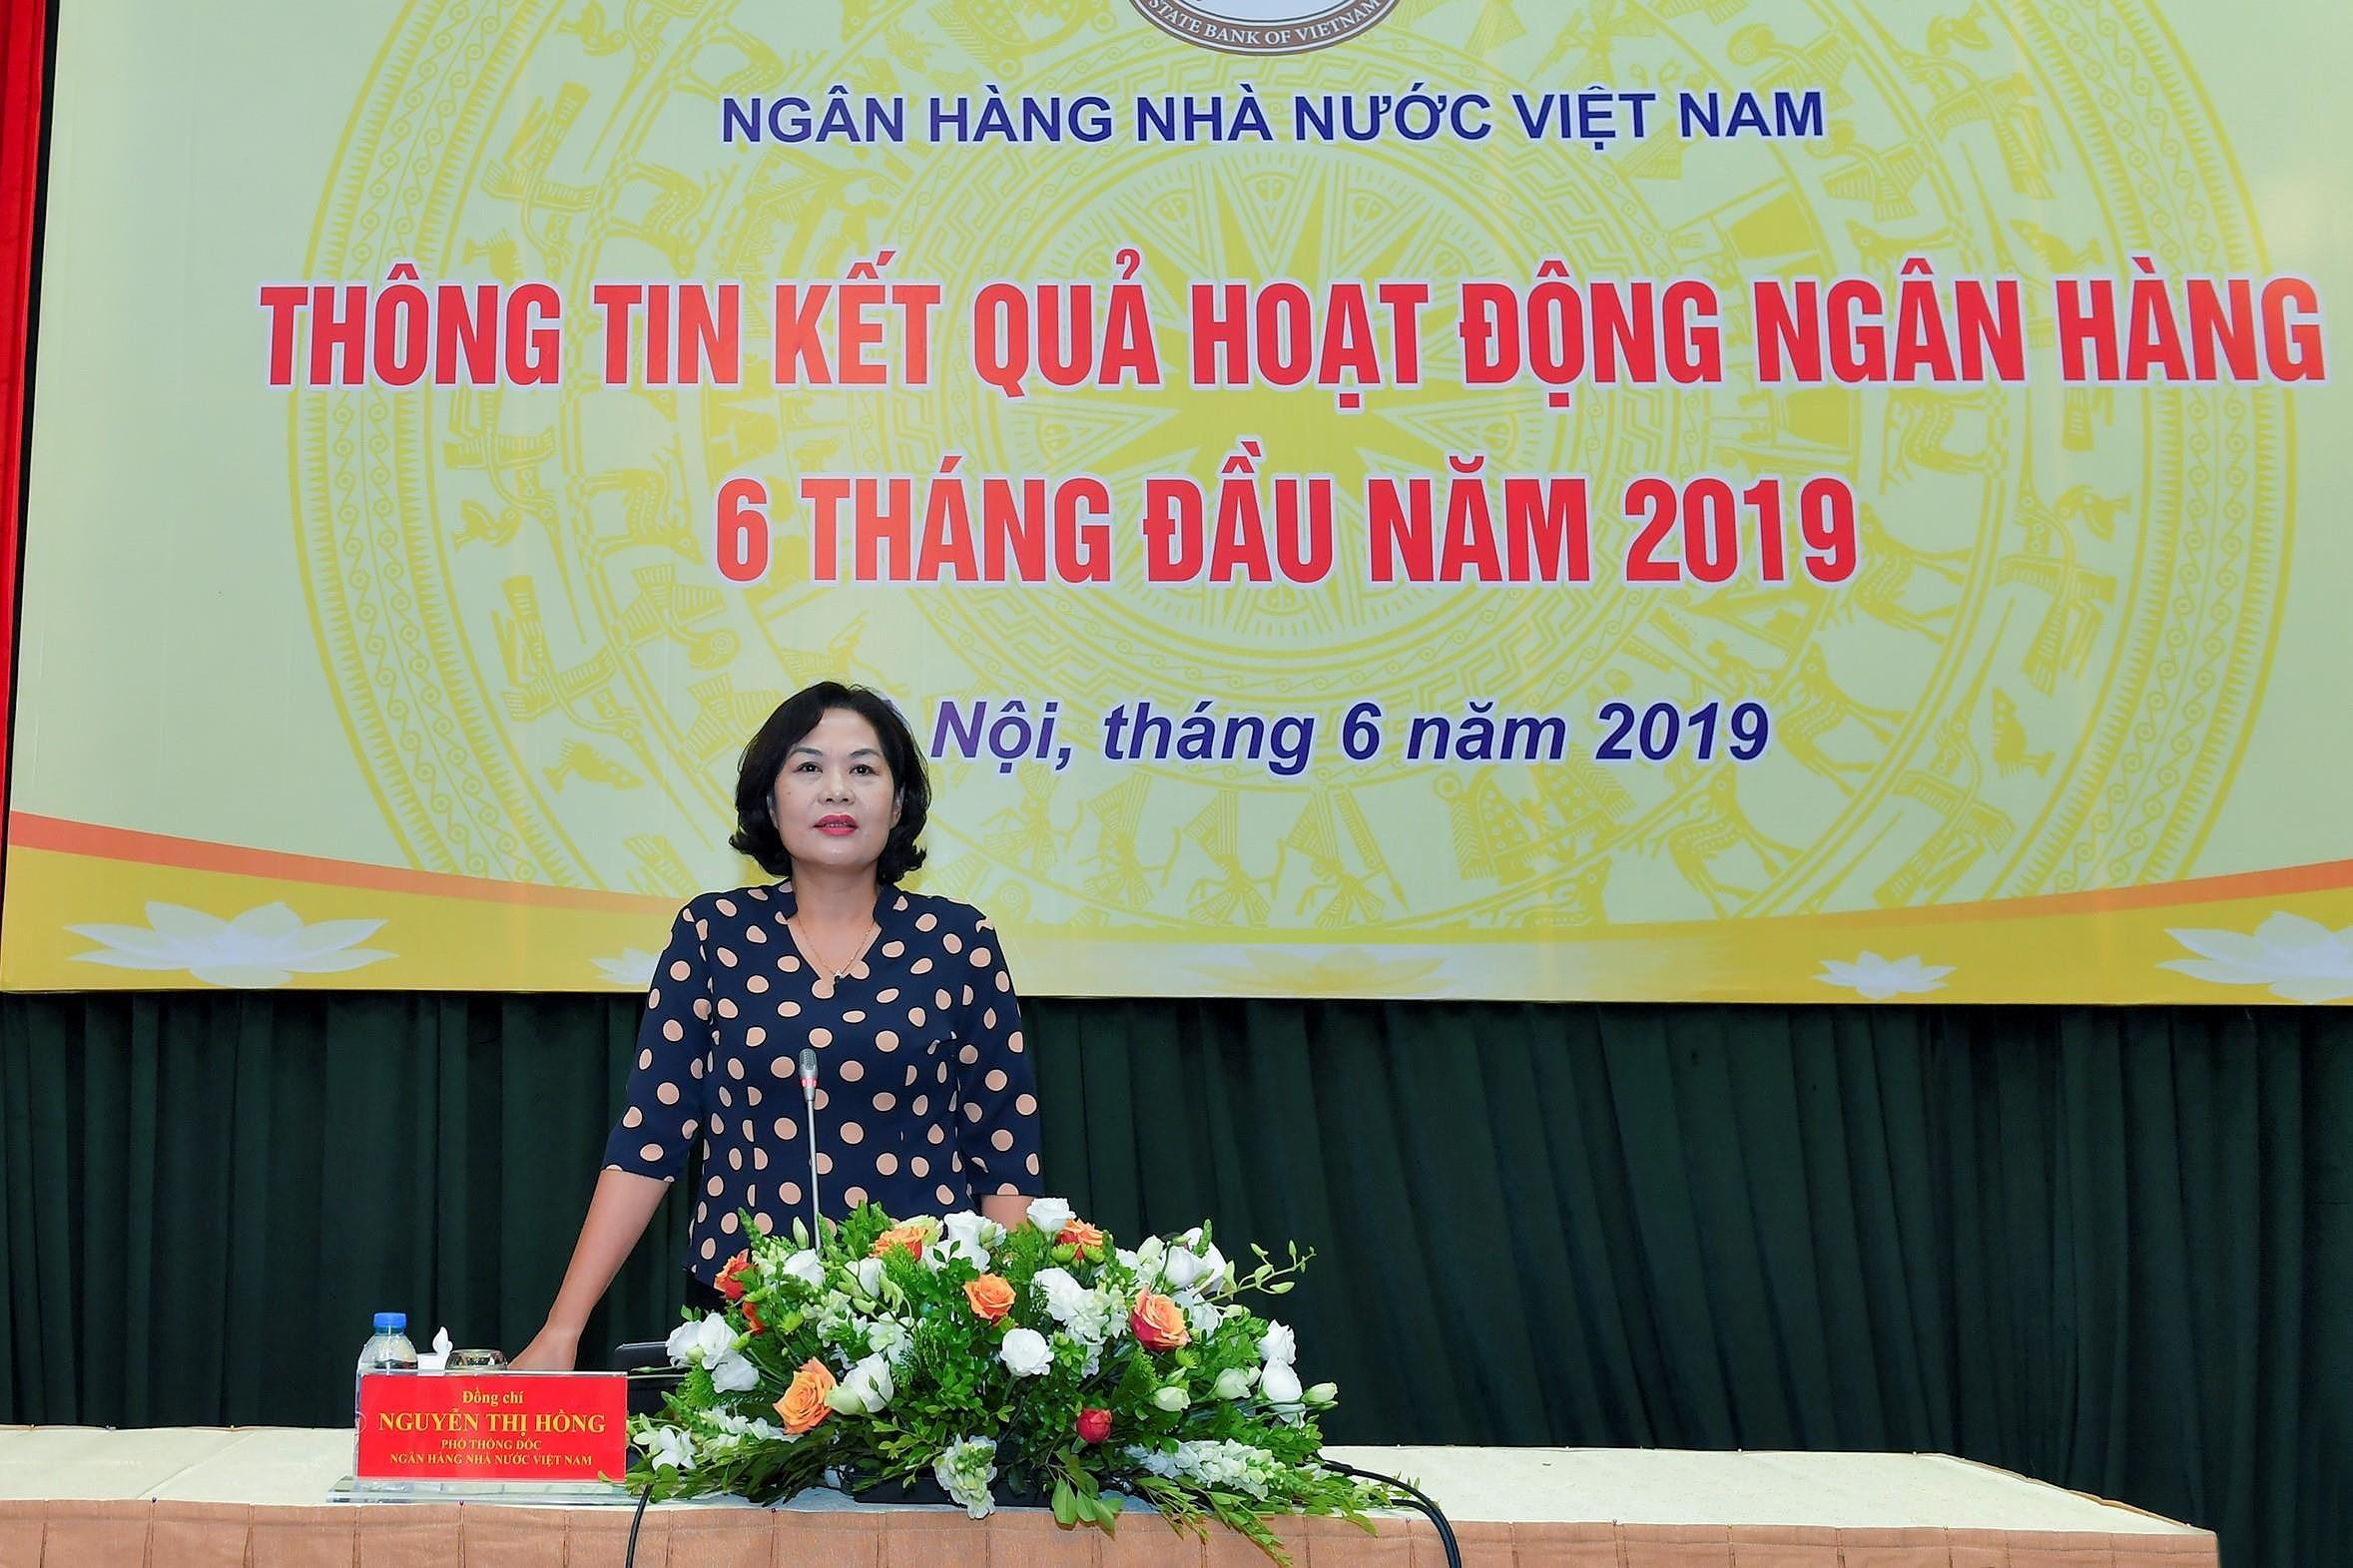 uploaded_2019_xqeioxdrei_2019_06_13_ngan_hang_nha_nuoc.jpg